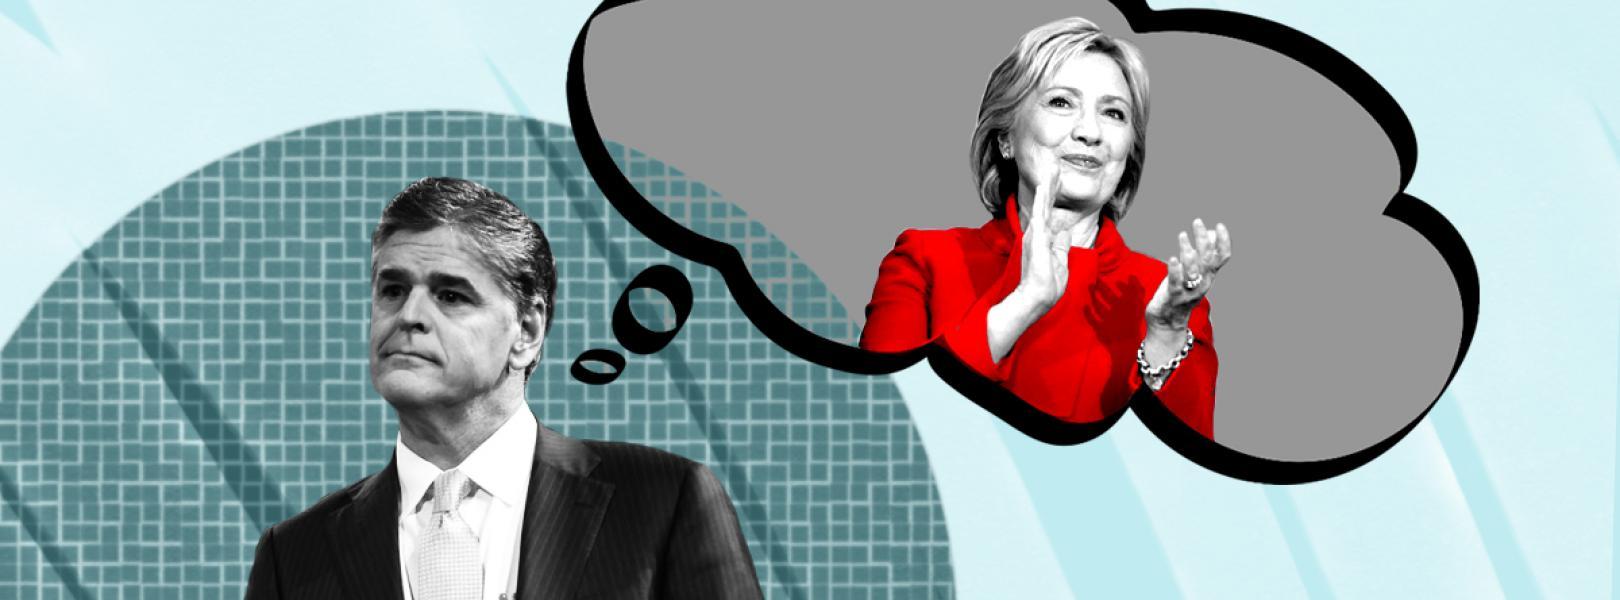 Sean Hannity Hillary Clinton